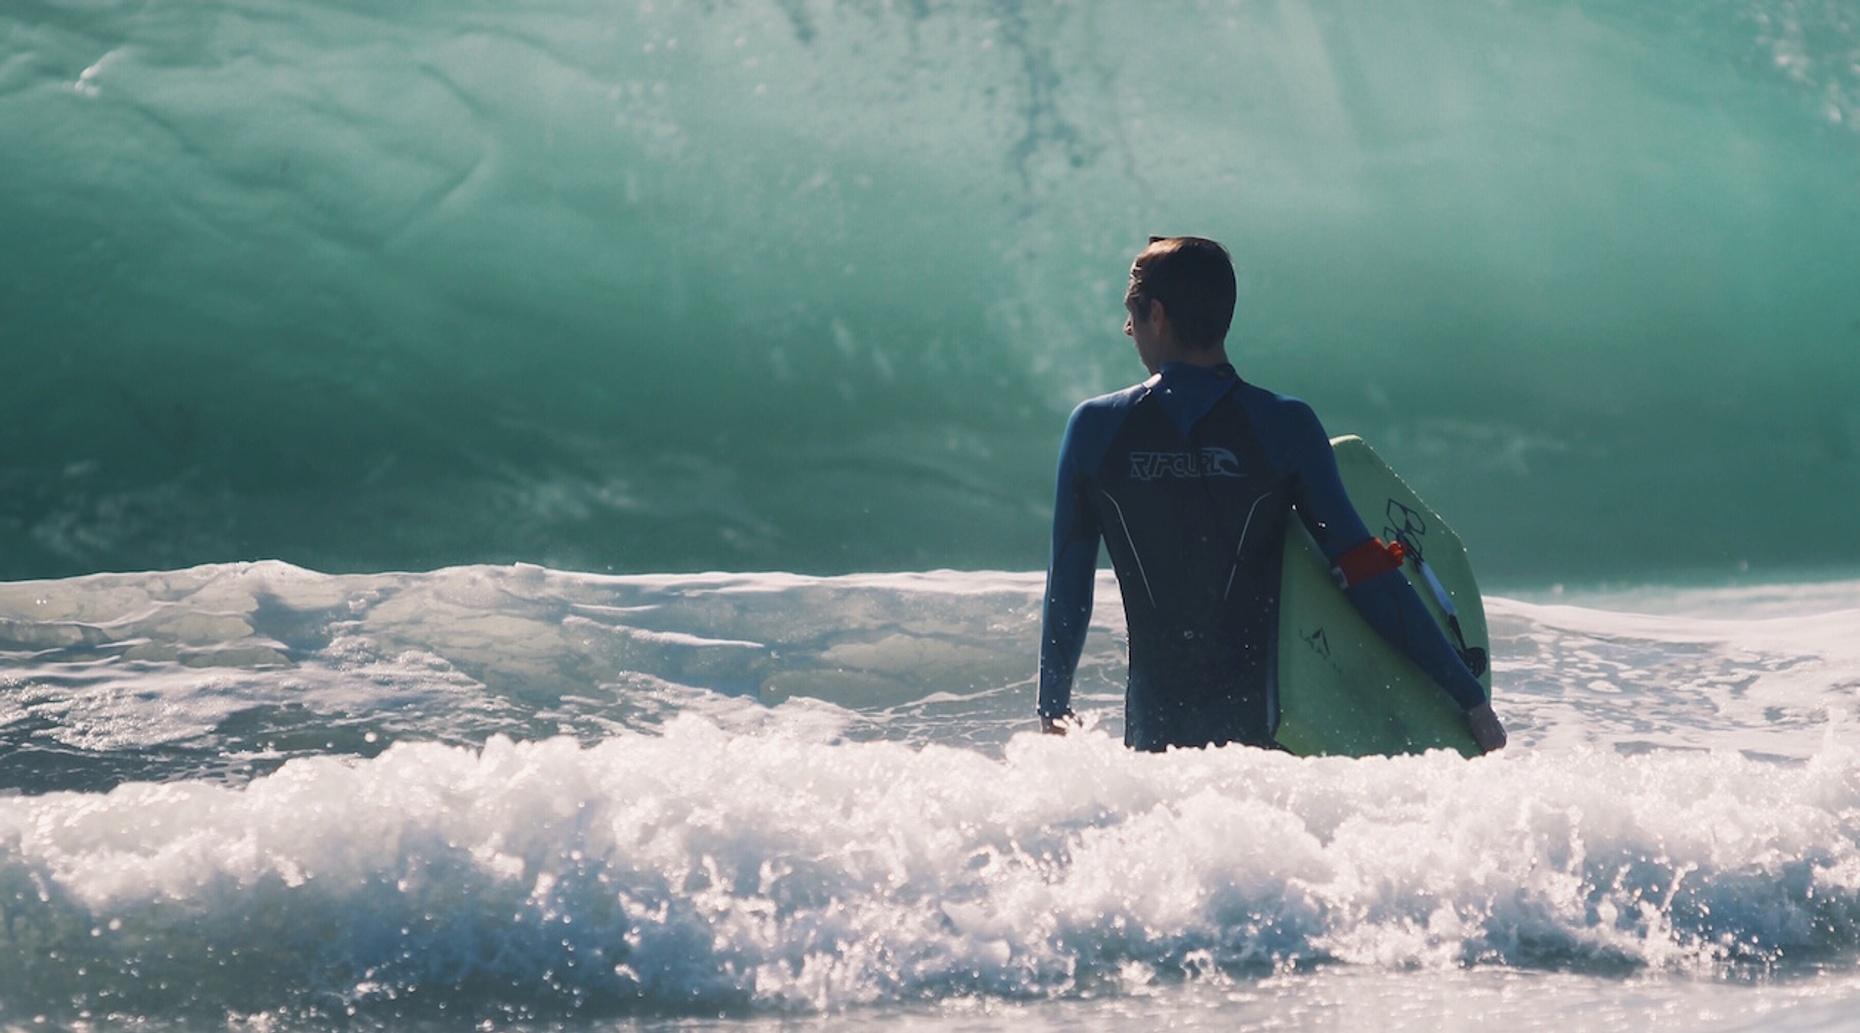 Sea of Cortez Surfboard Rental